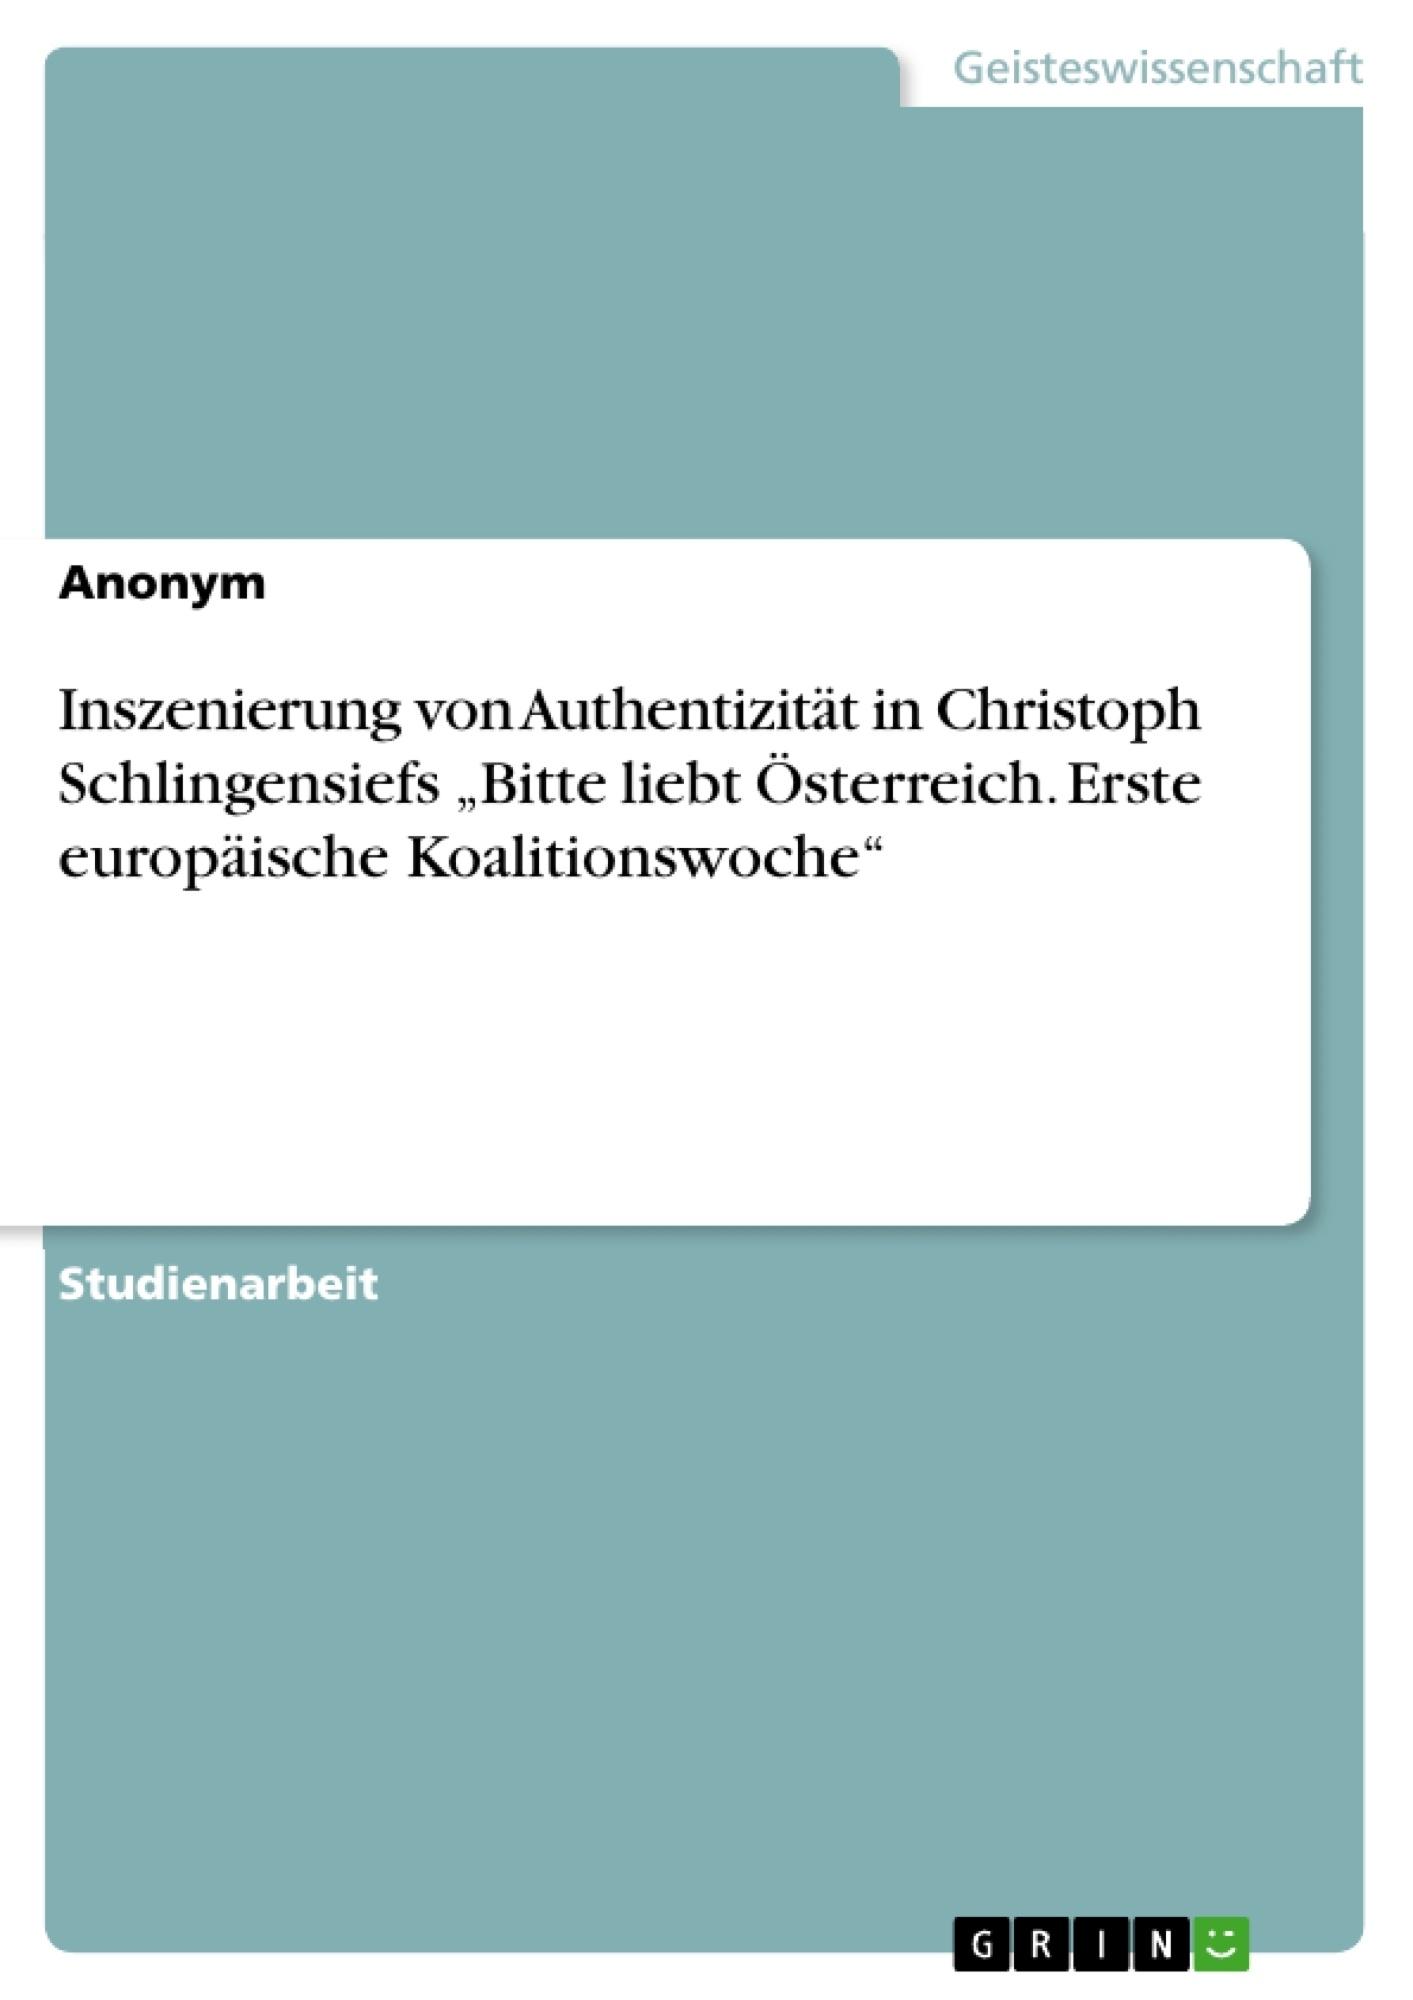 """Titel: Inszenierung von Authentizität in Christoph Schlingensiefs """"Bitte liebt Österreich. Erste europäische Koalitionswoche"""""""